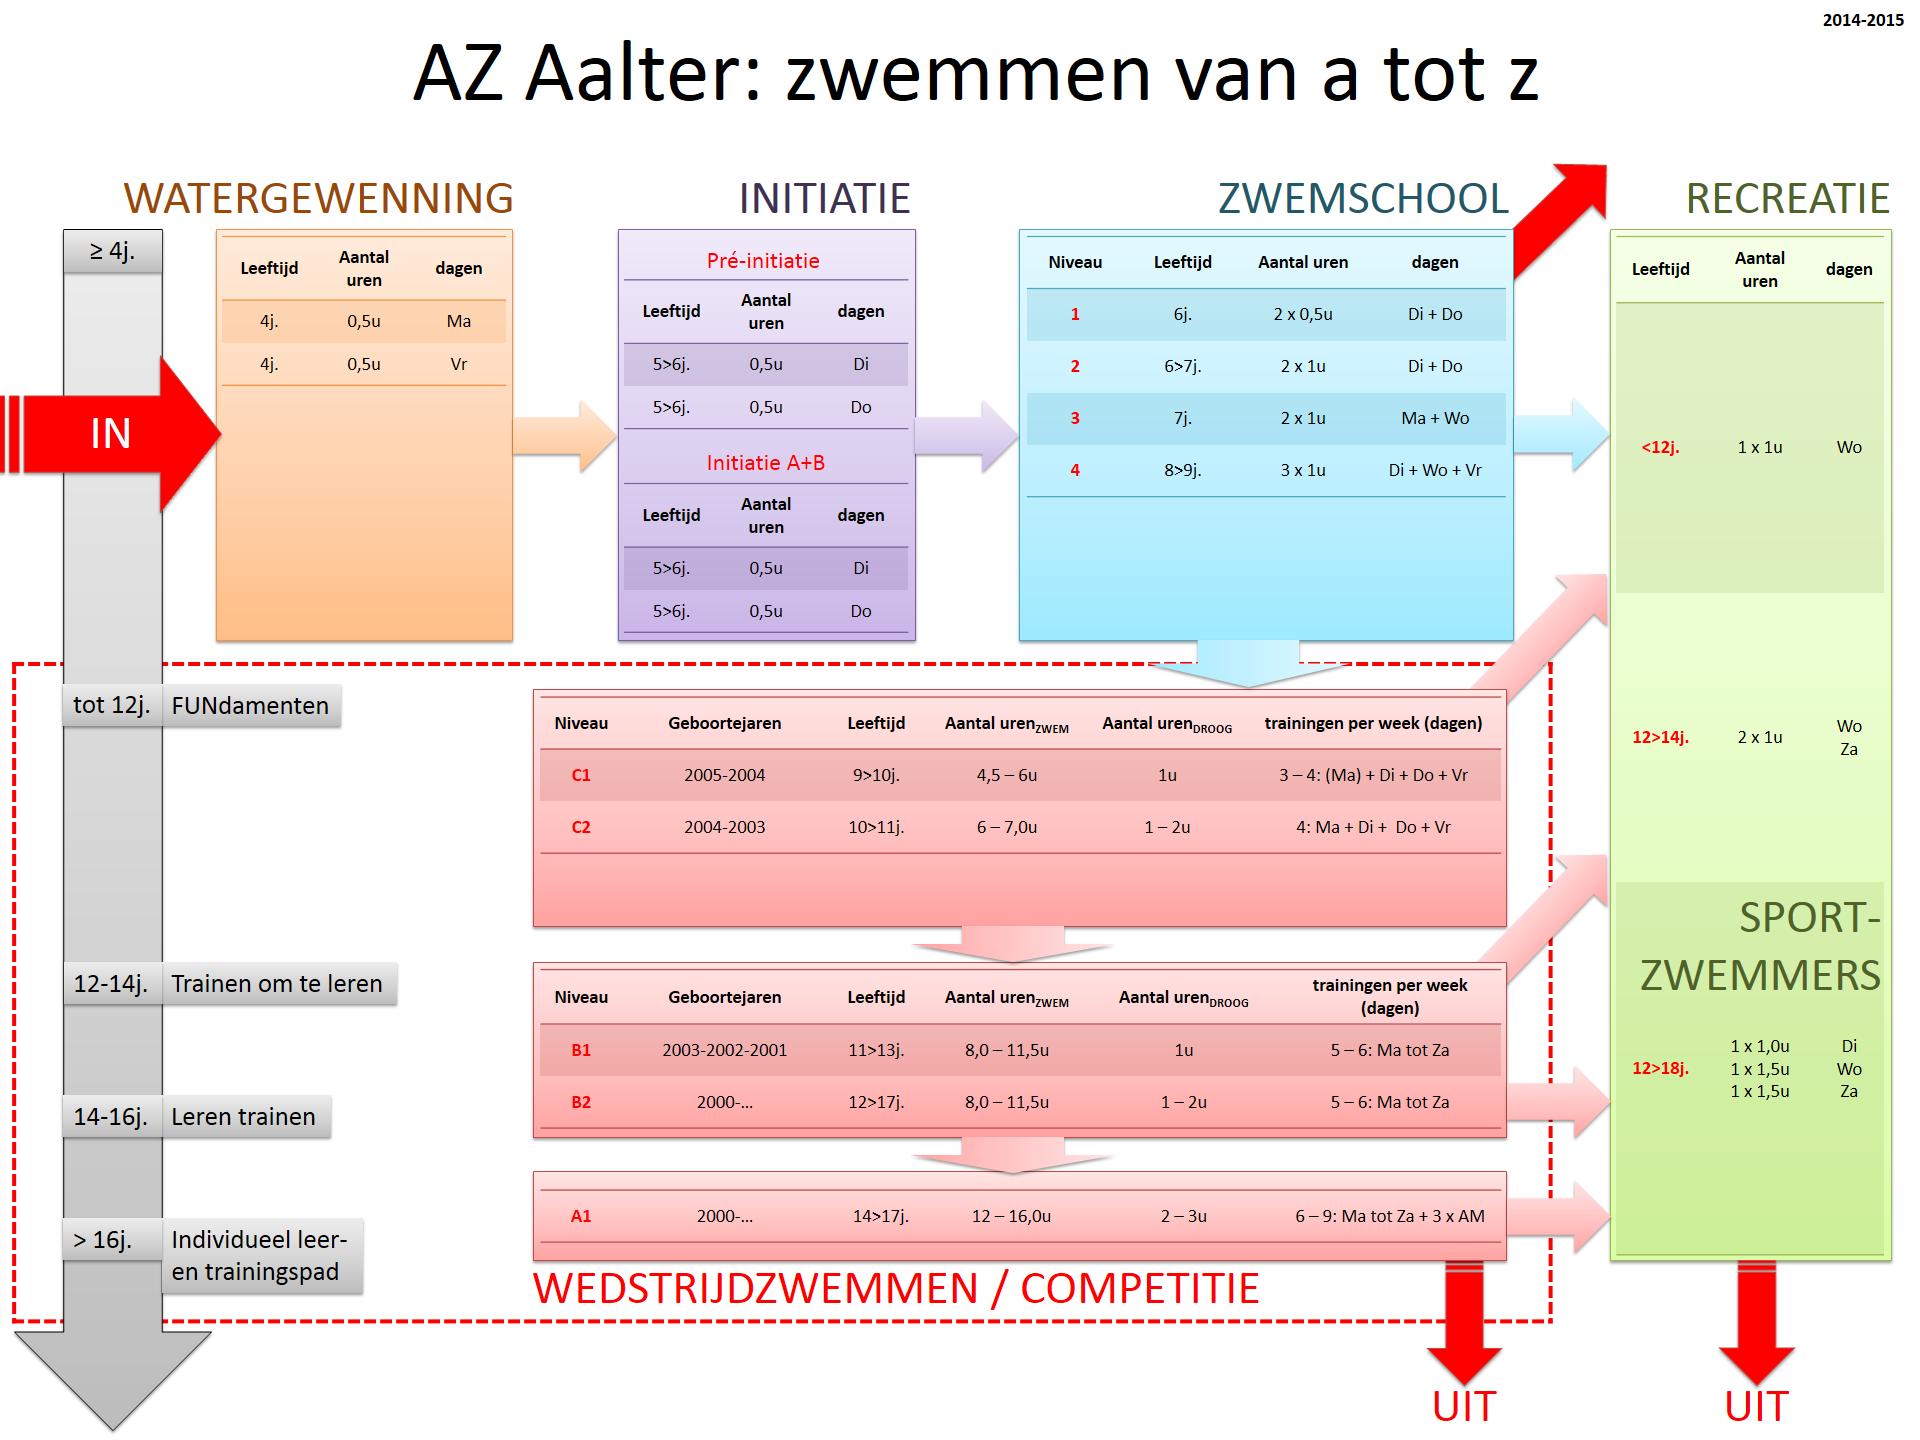 flowchart_AZAalter_2014-2015